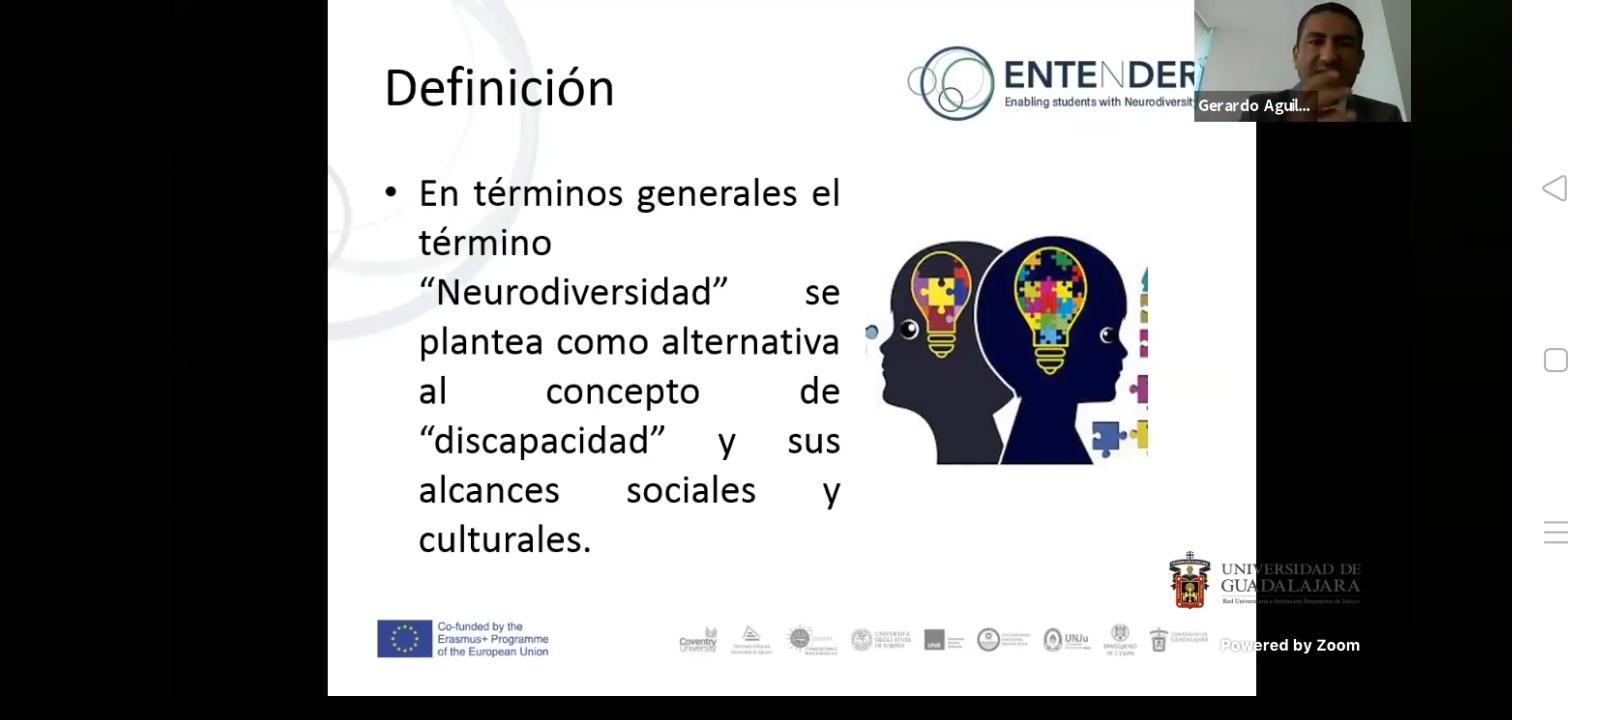 Diapositiva con el concepto de Neurodiversidad, Arriba y a la derecha en un recuadro el coordinador de la Licenciatura en Psicología